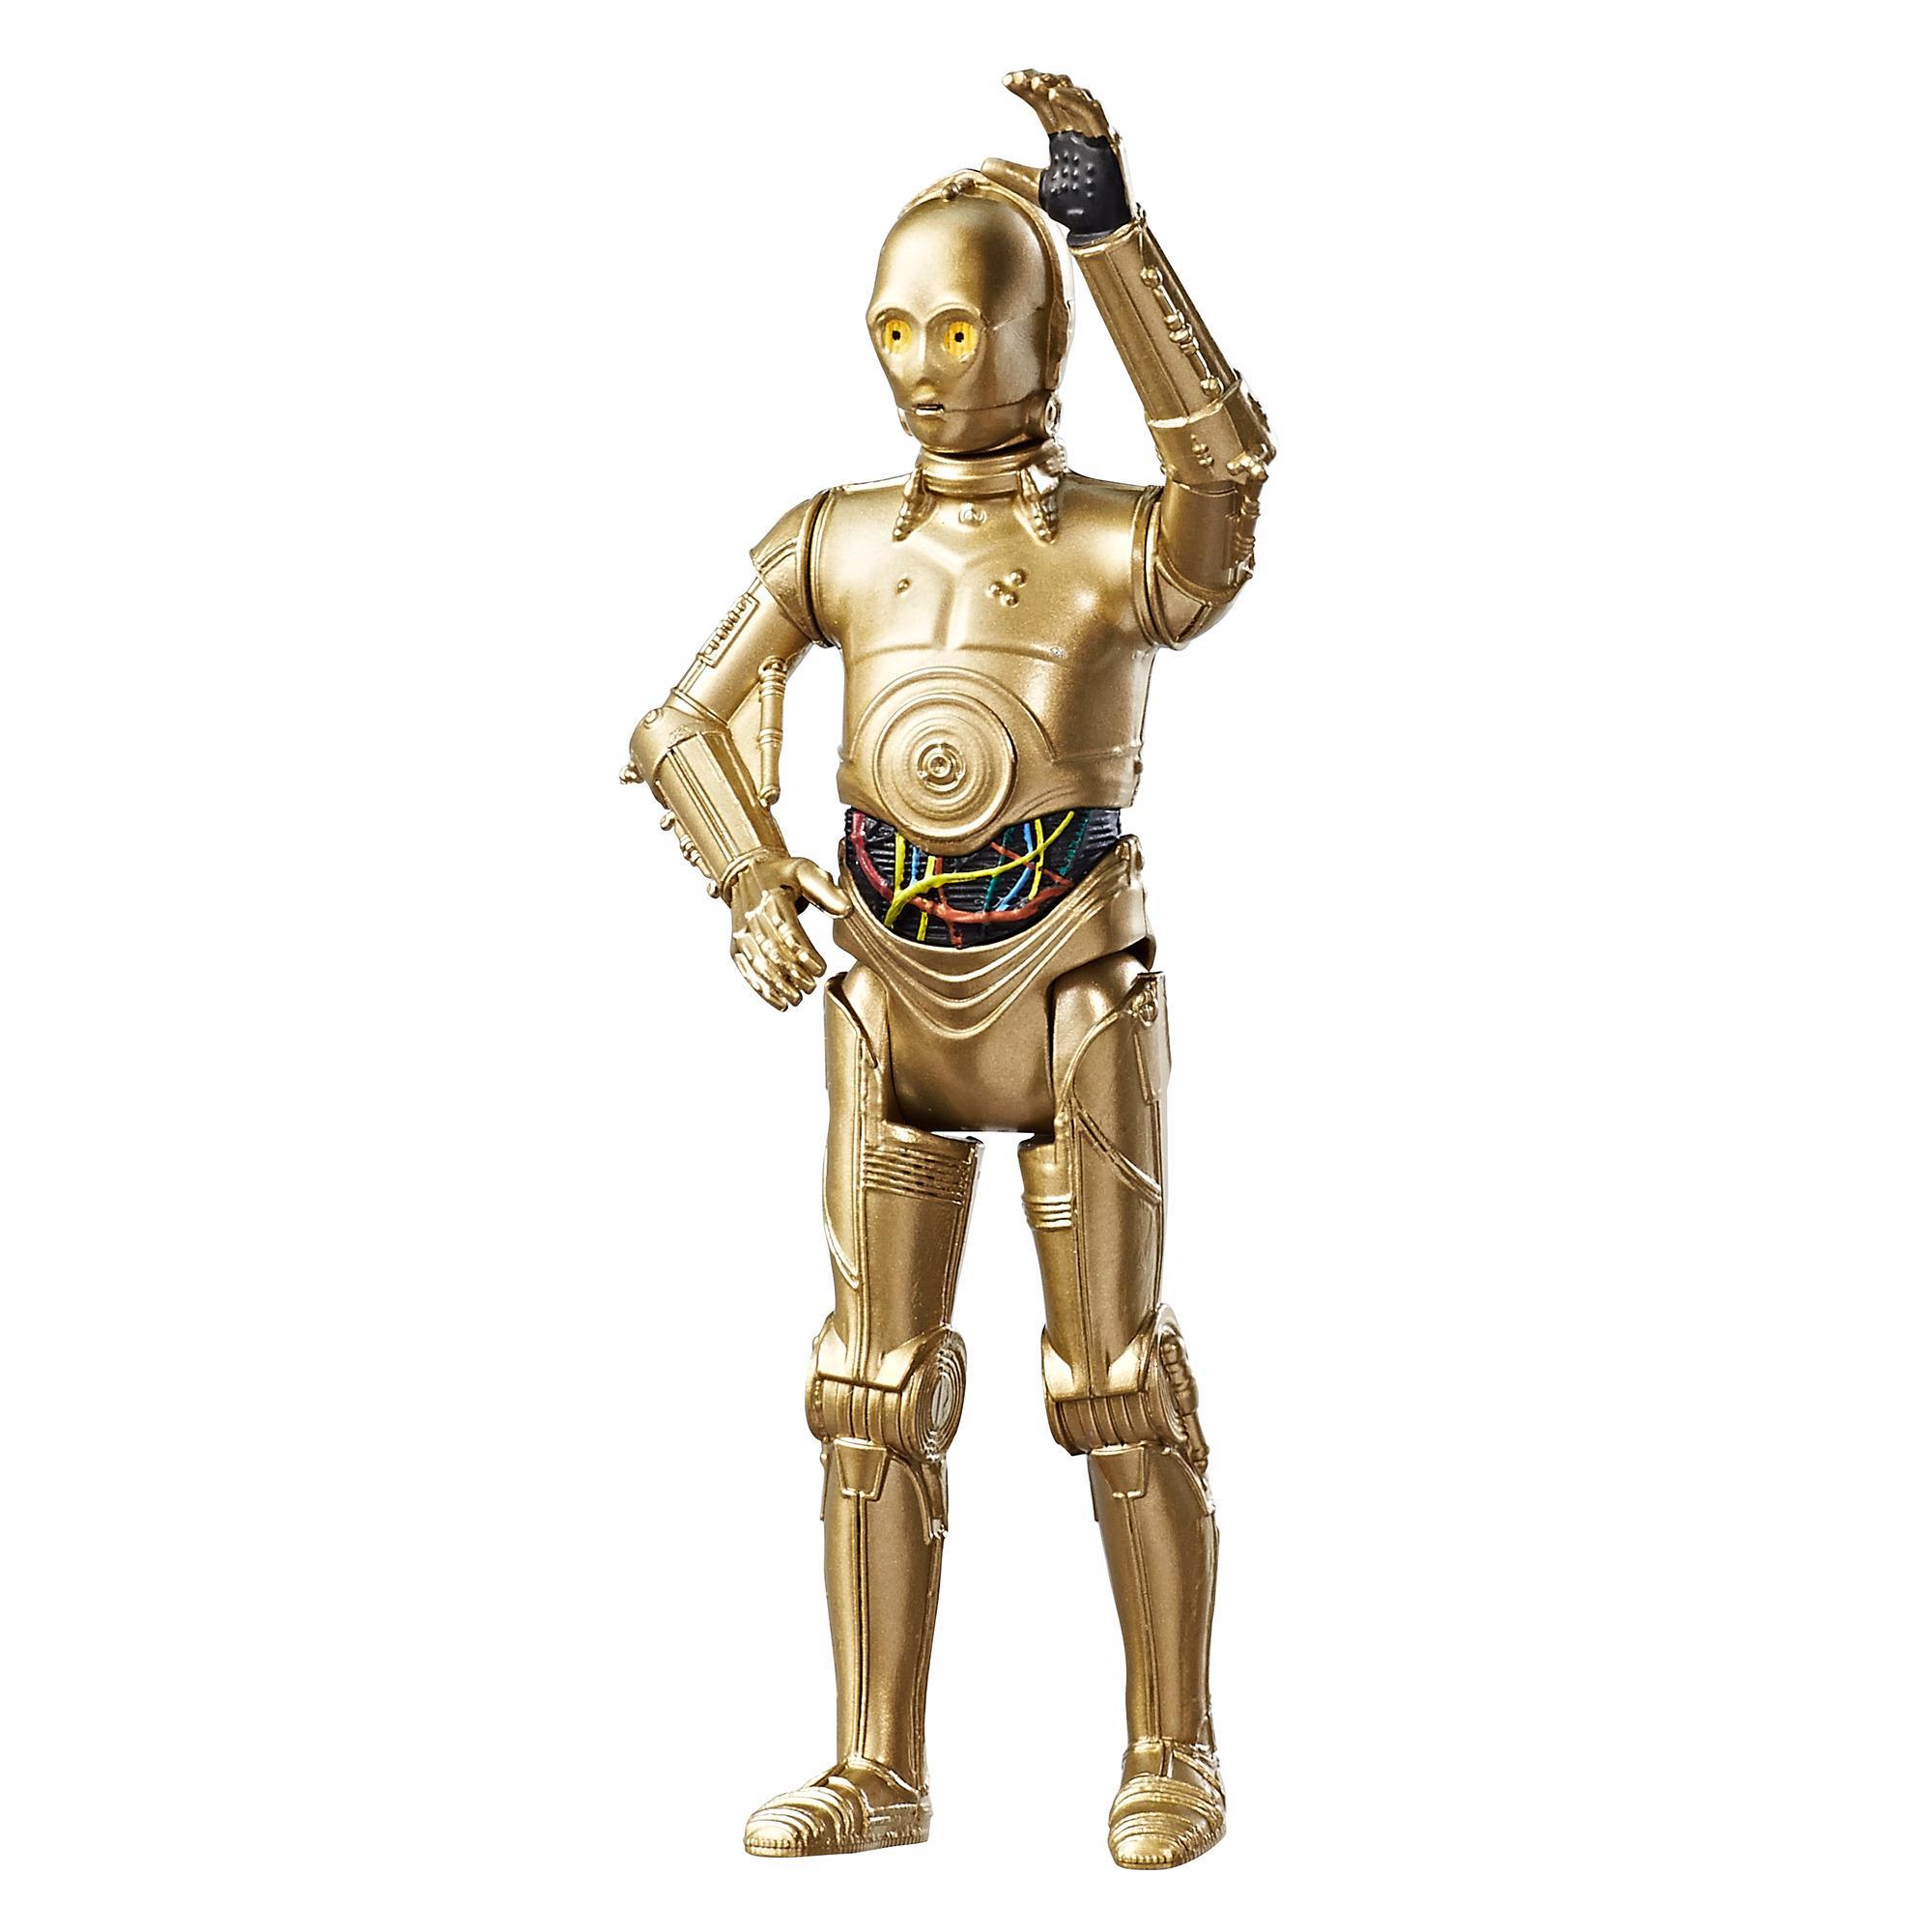 星際大戰電影8 3.75吋基本人物組 C-3PO